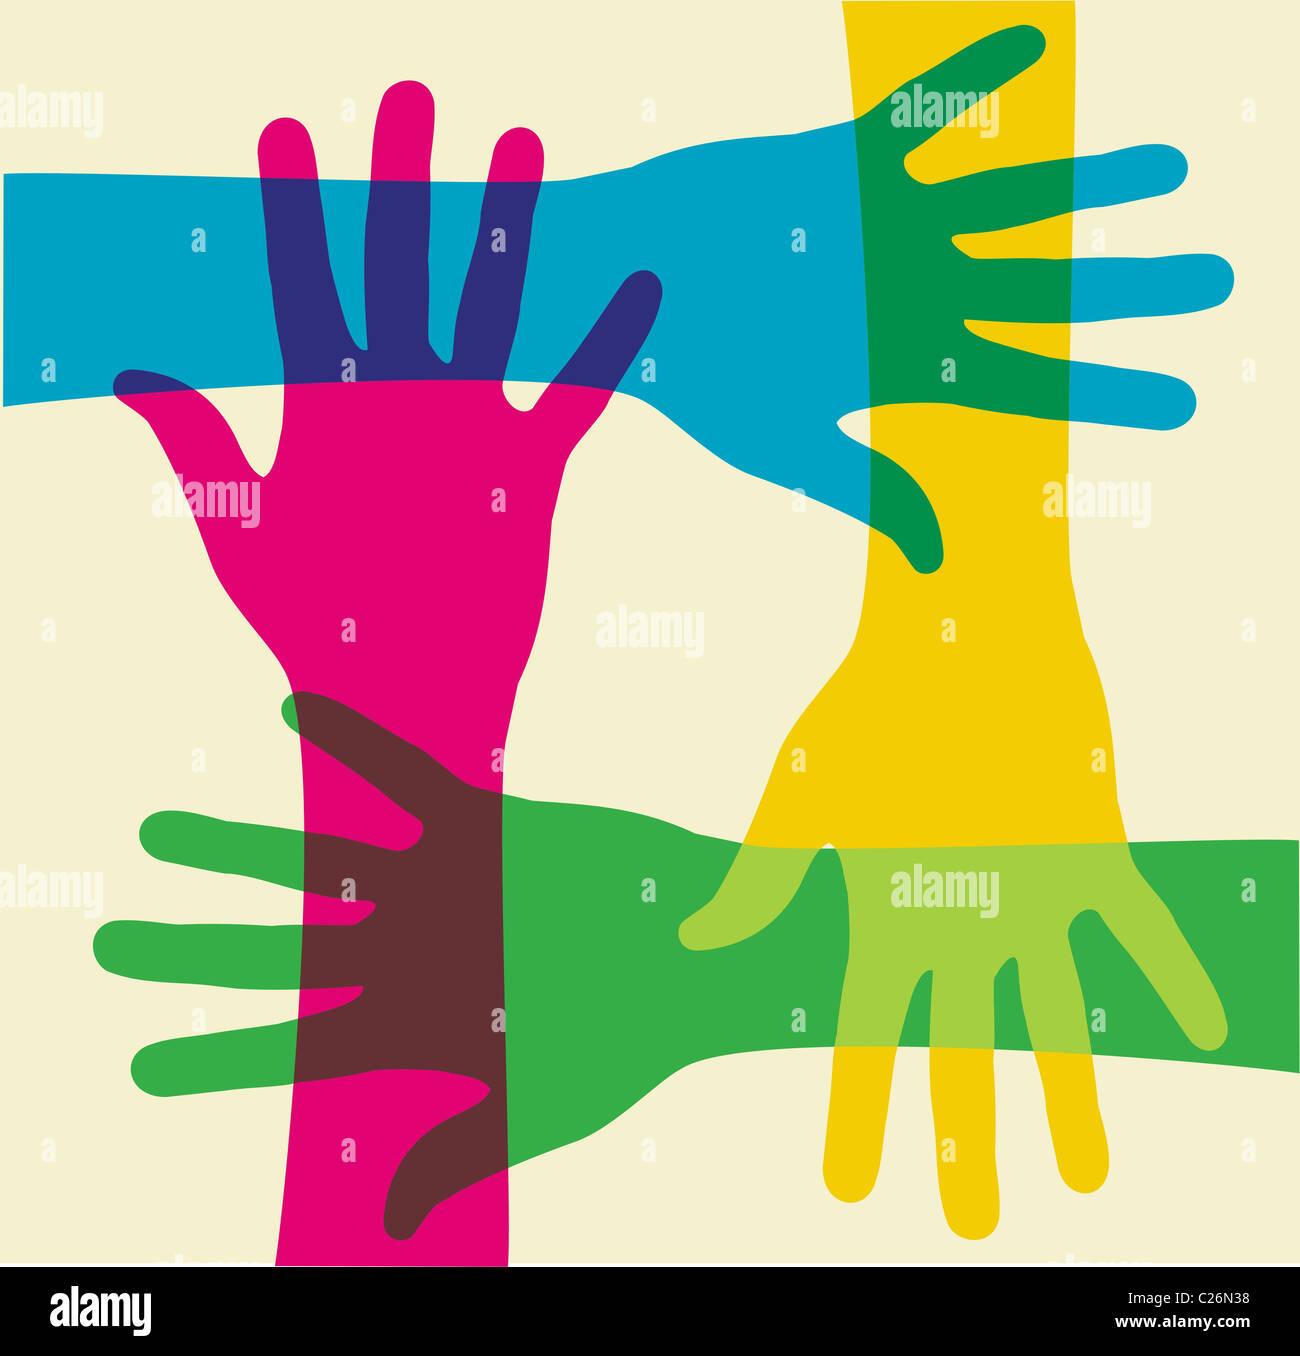 Mains colorés sur une illustration fond clair. Fichier vecteur disponible. Banque D'Images